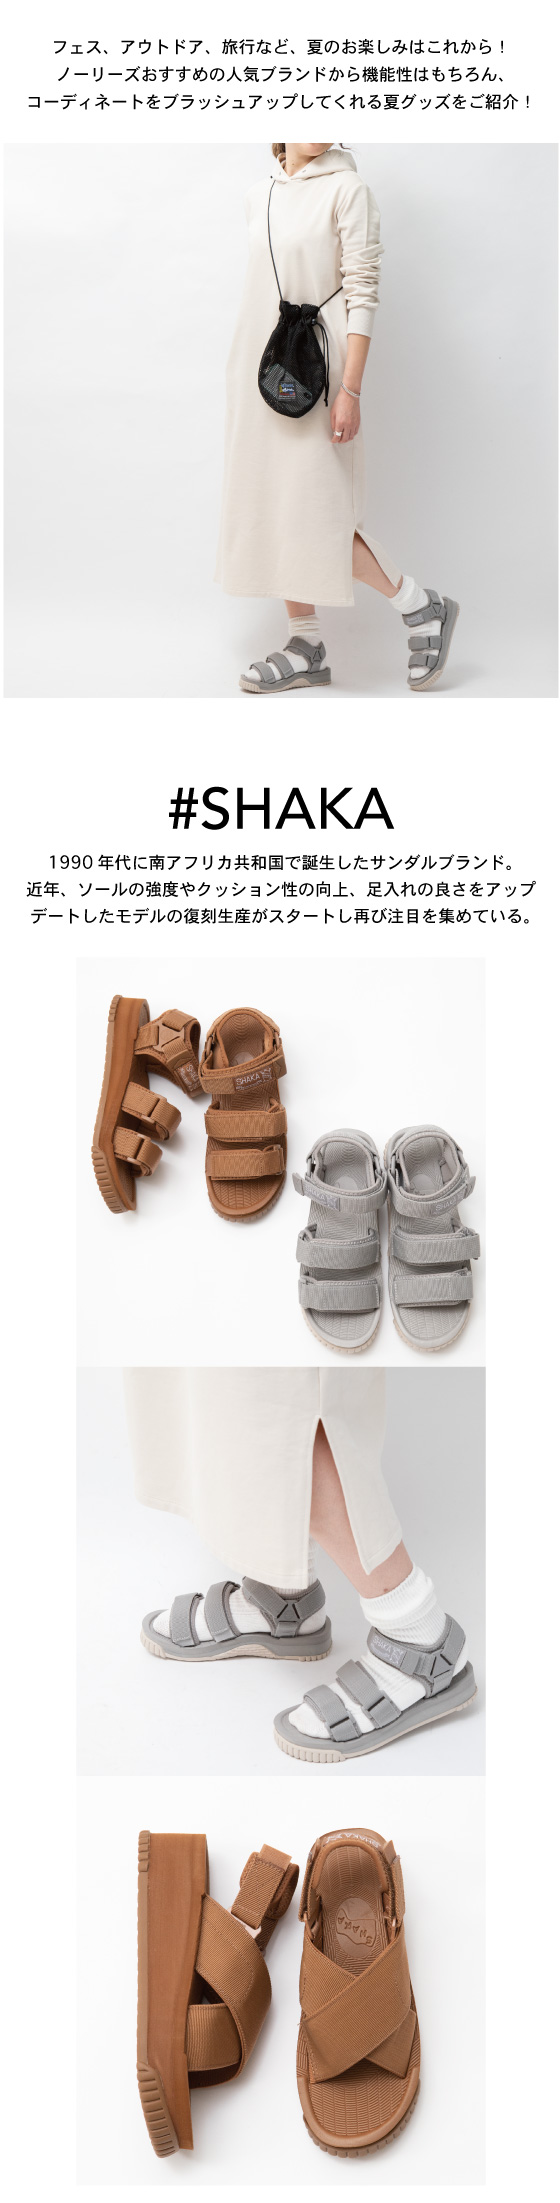 19s_goods01